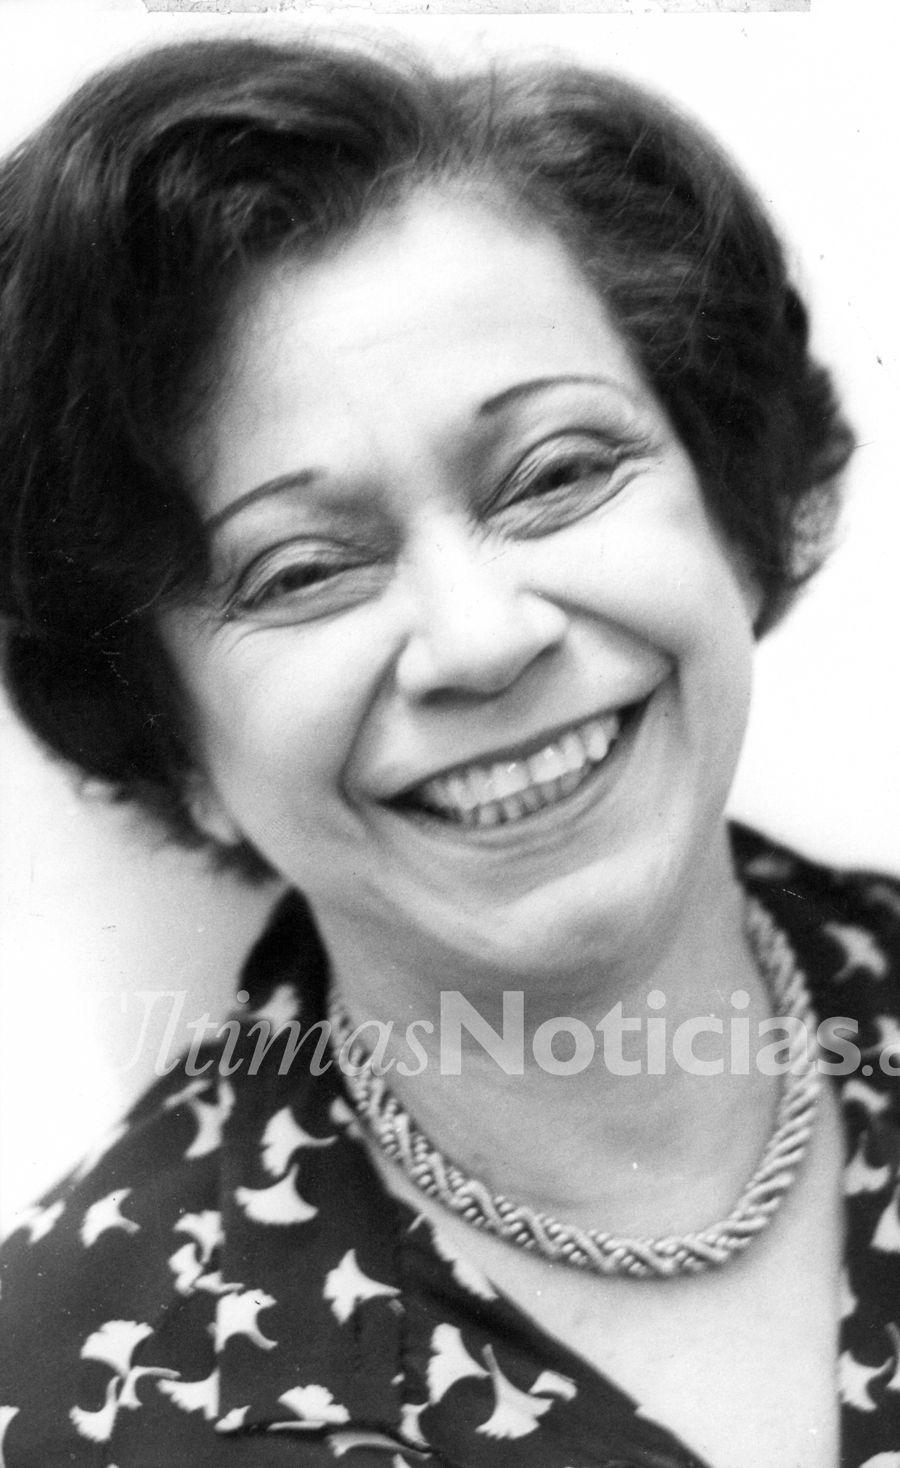 En 1908, nació la periodista y diputada venezolana María Teresa Castillo. Foto: Archivo Fotográfico/Grupo Últimas Noticias